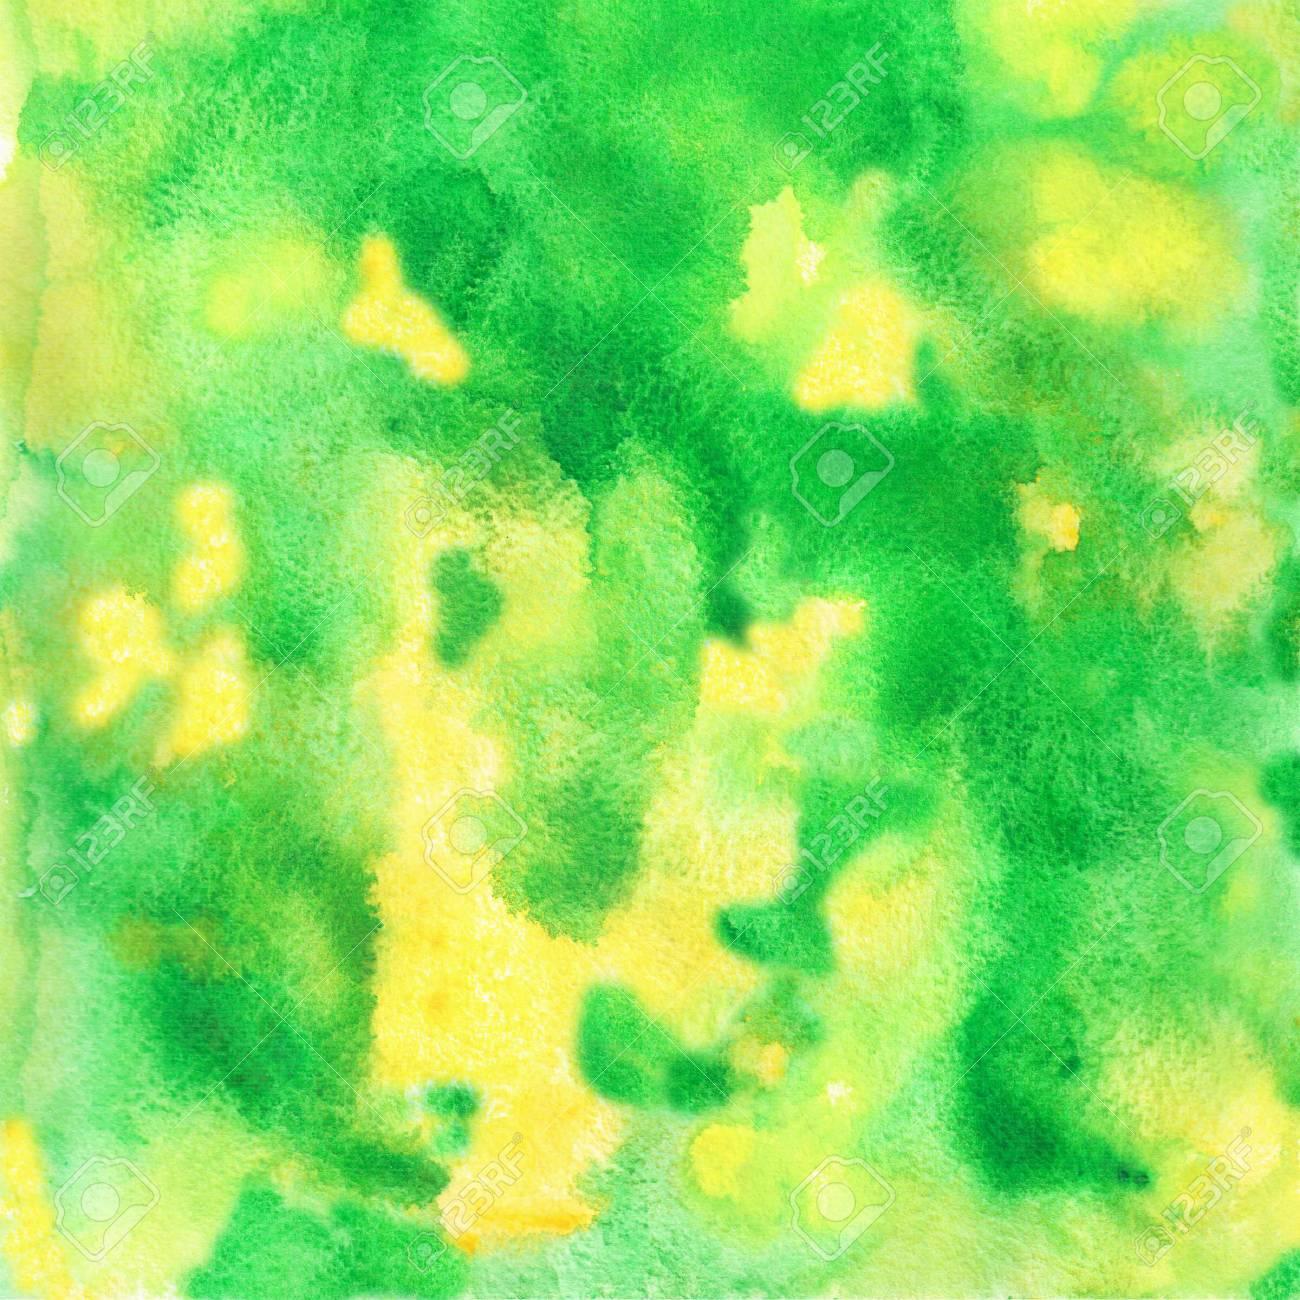 Immagini Stock Lo Sfondo Verde Giallo Verde è Disegnato In